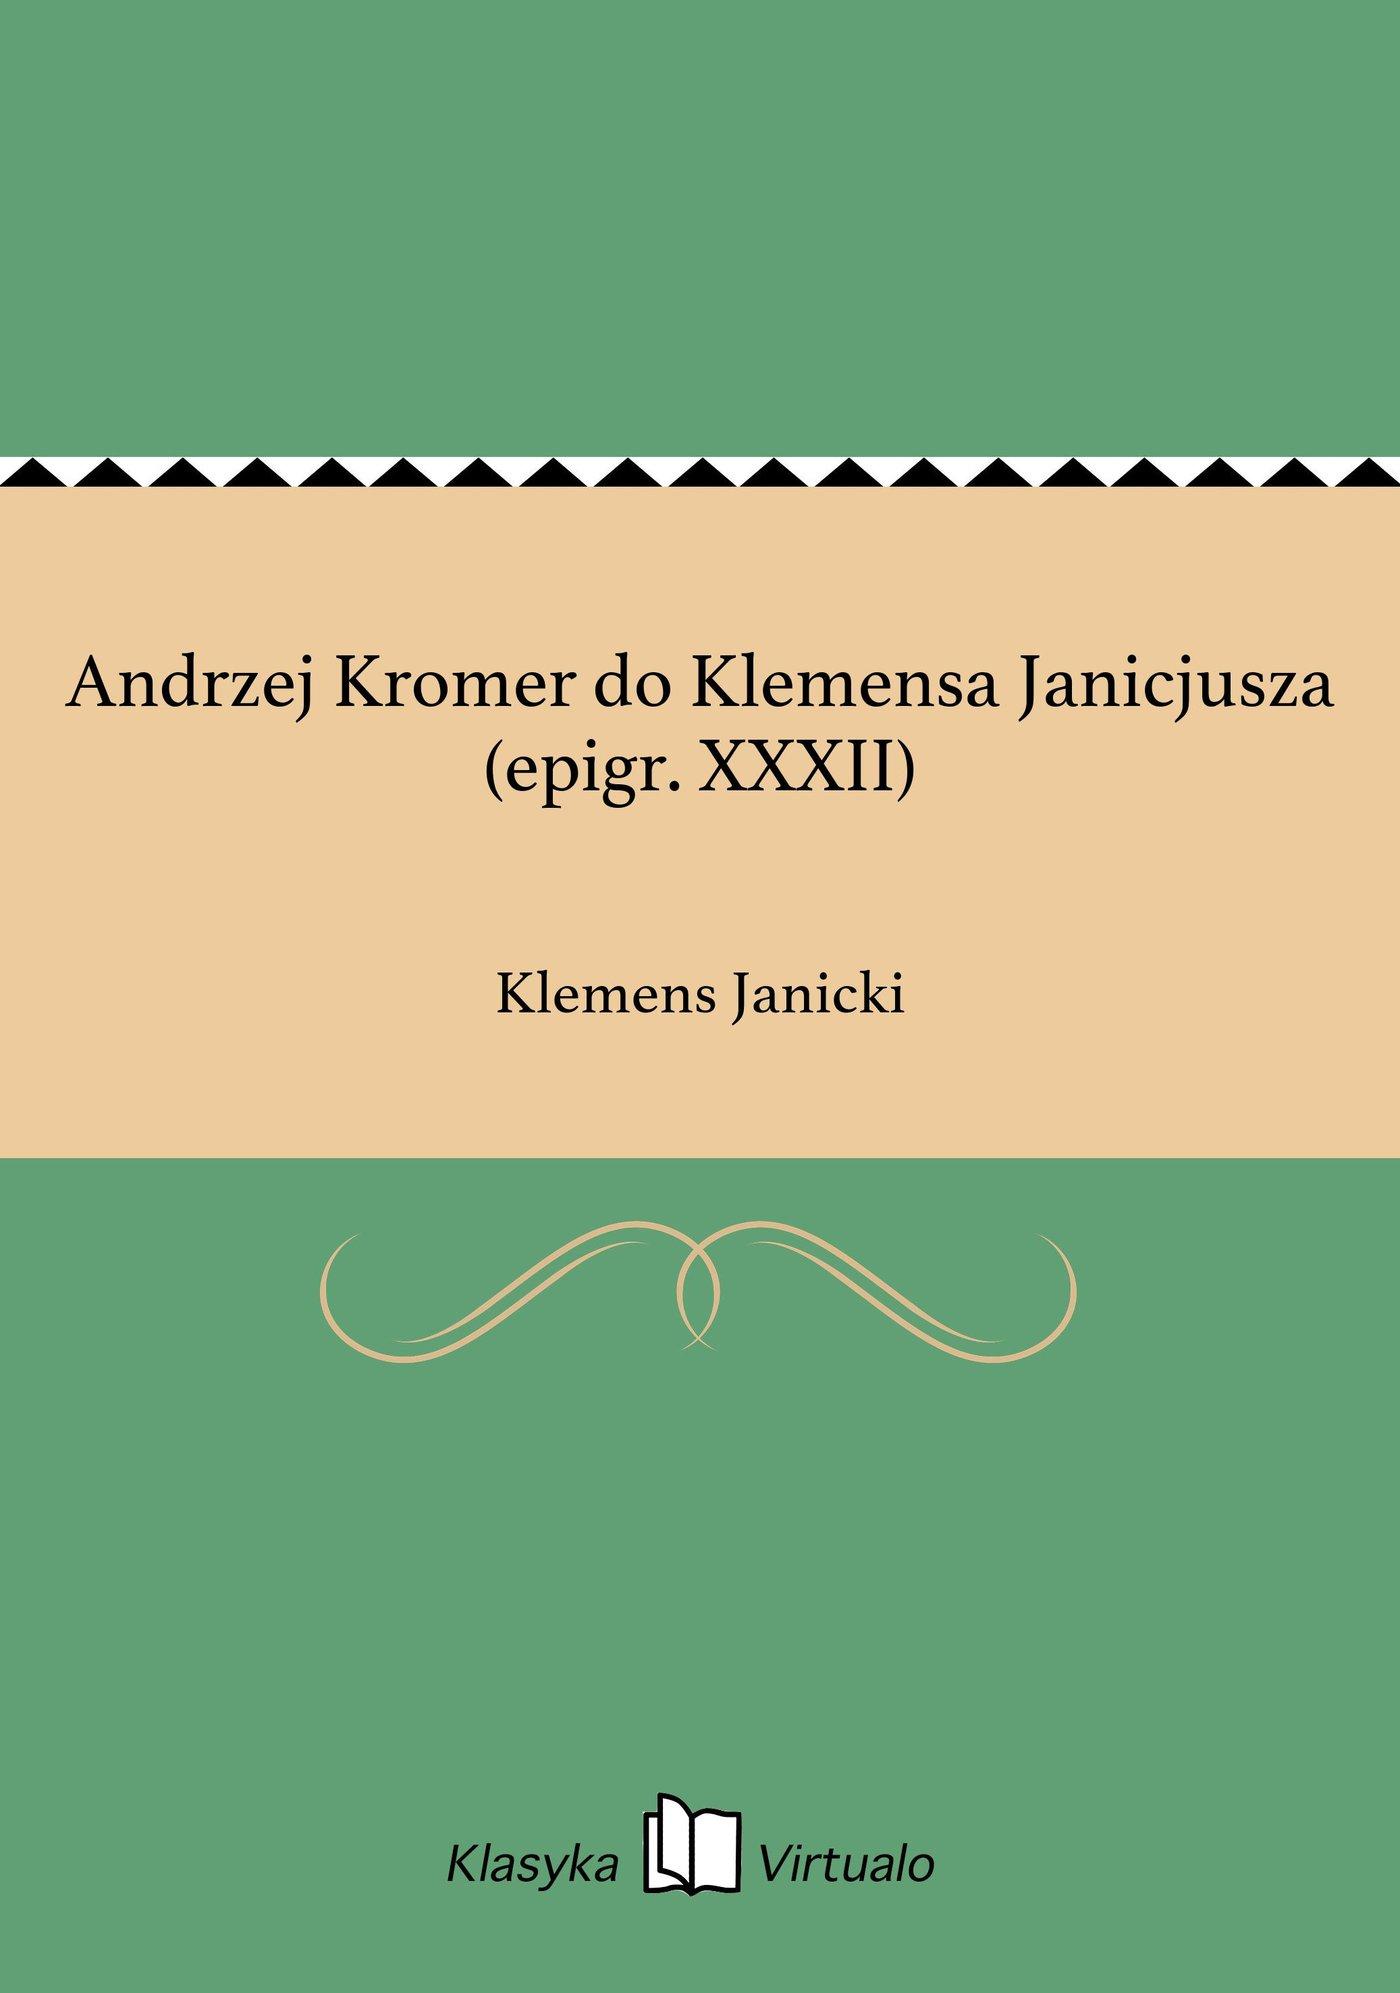 Andrzej Kromer do Klemensa Janicjusza (epigr. XXXII) - Ebook (Książka EPUB) do pobrania w formacie EPUB